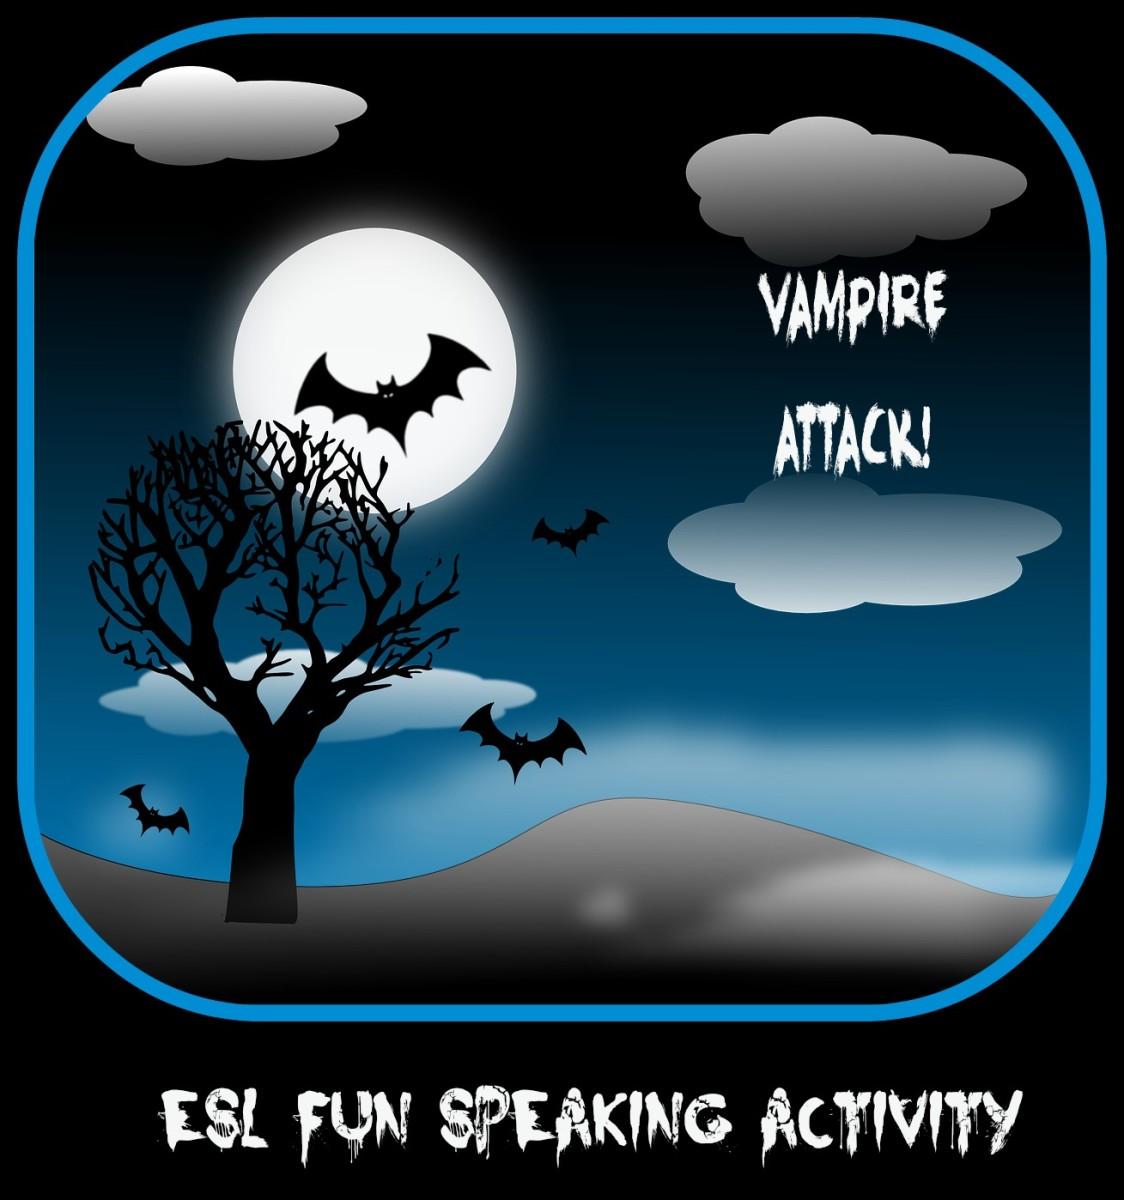 ESL Fun Speaking Activity - Vampire Attack